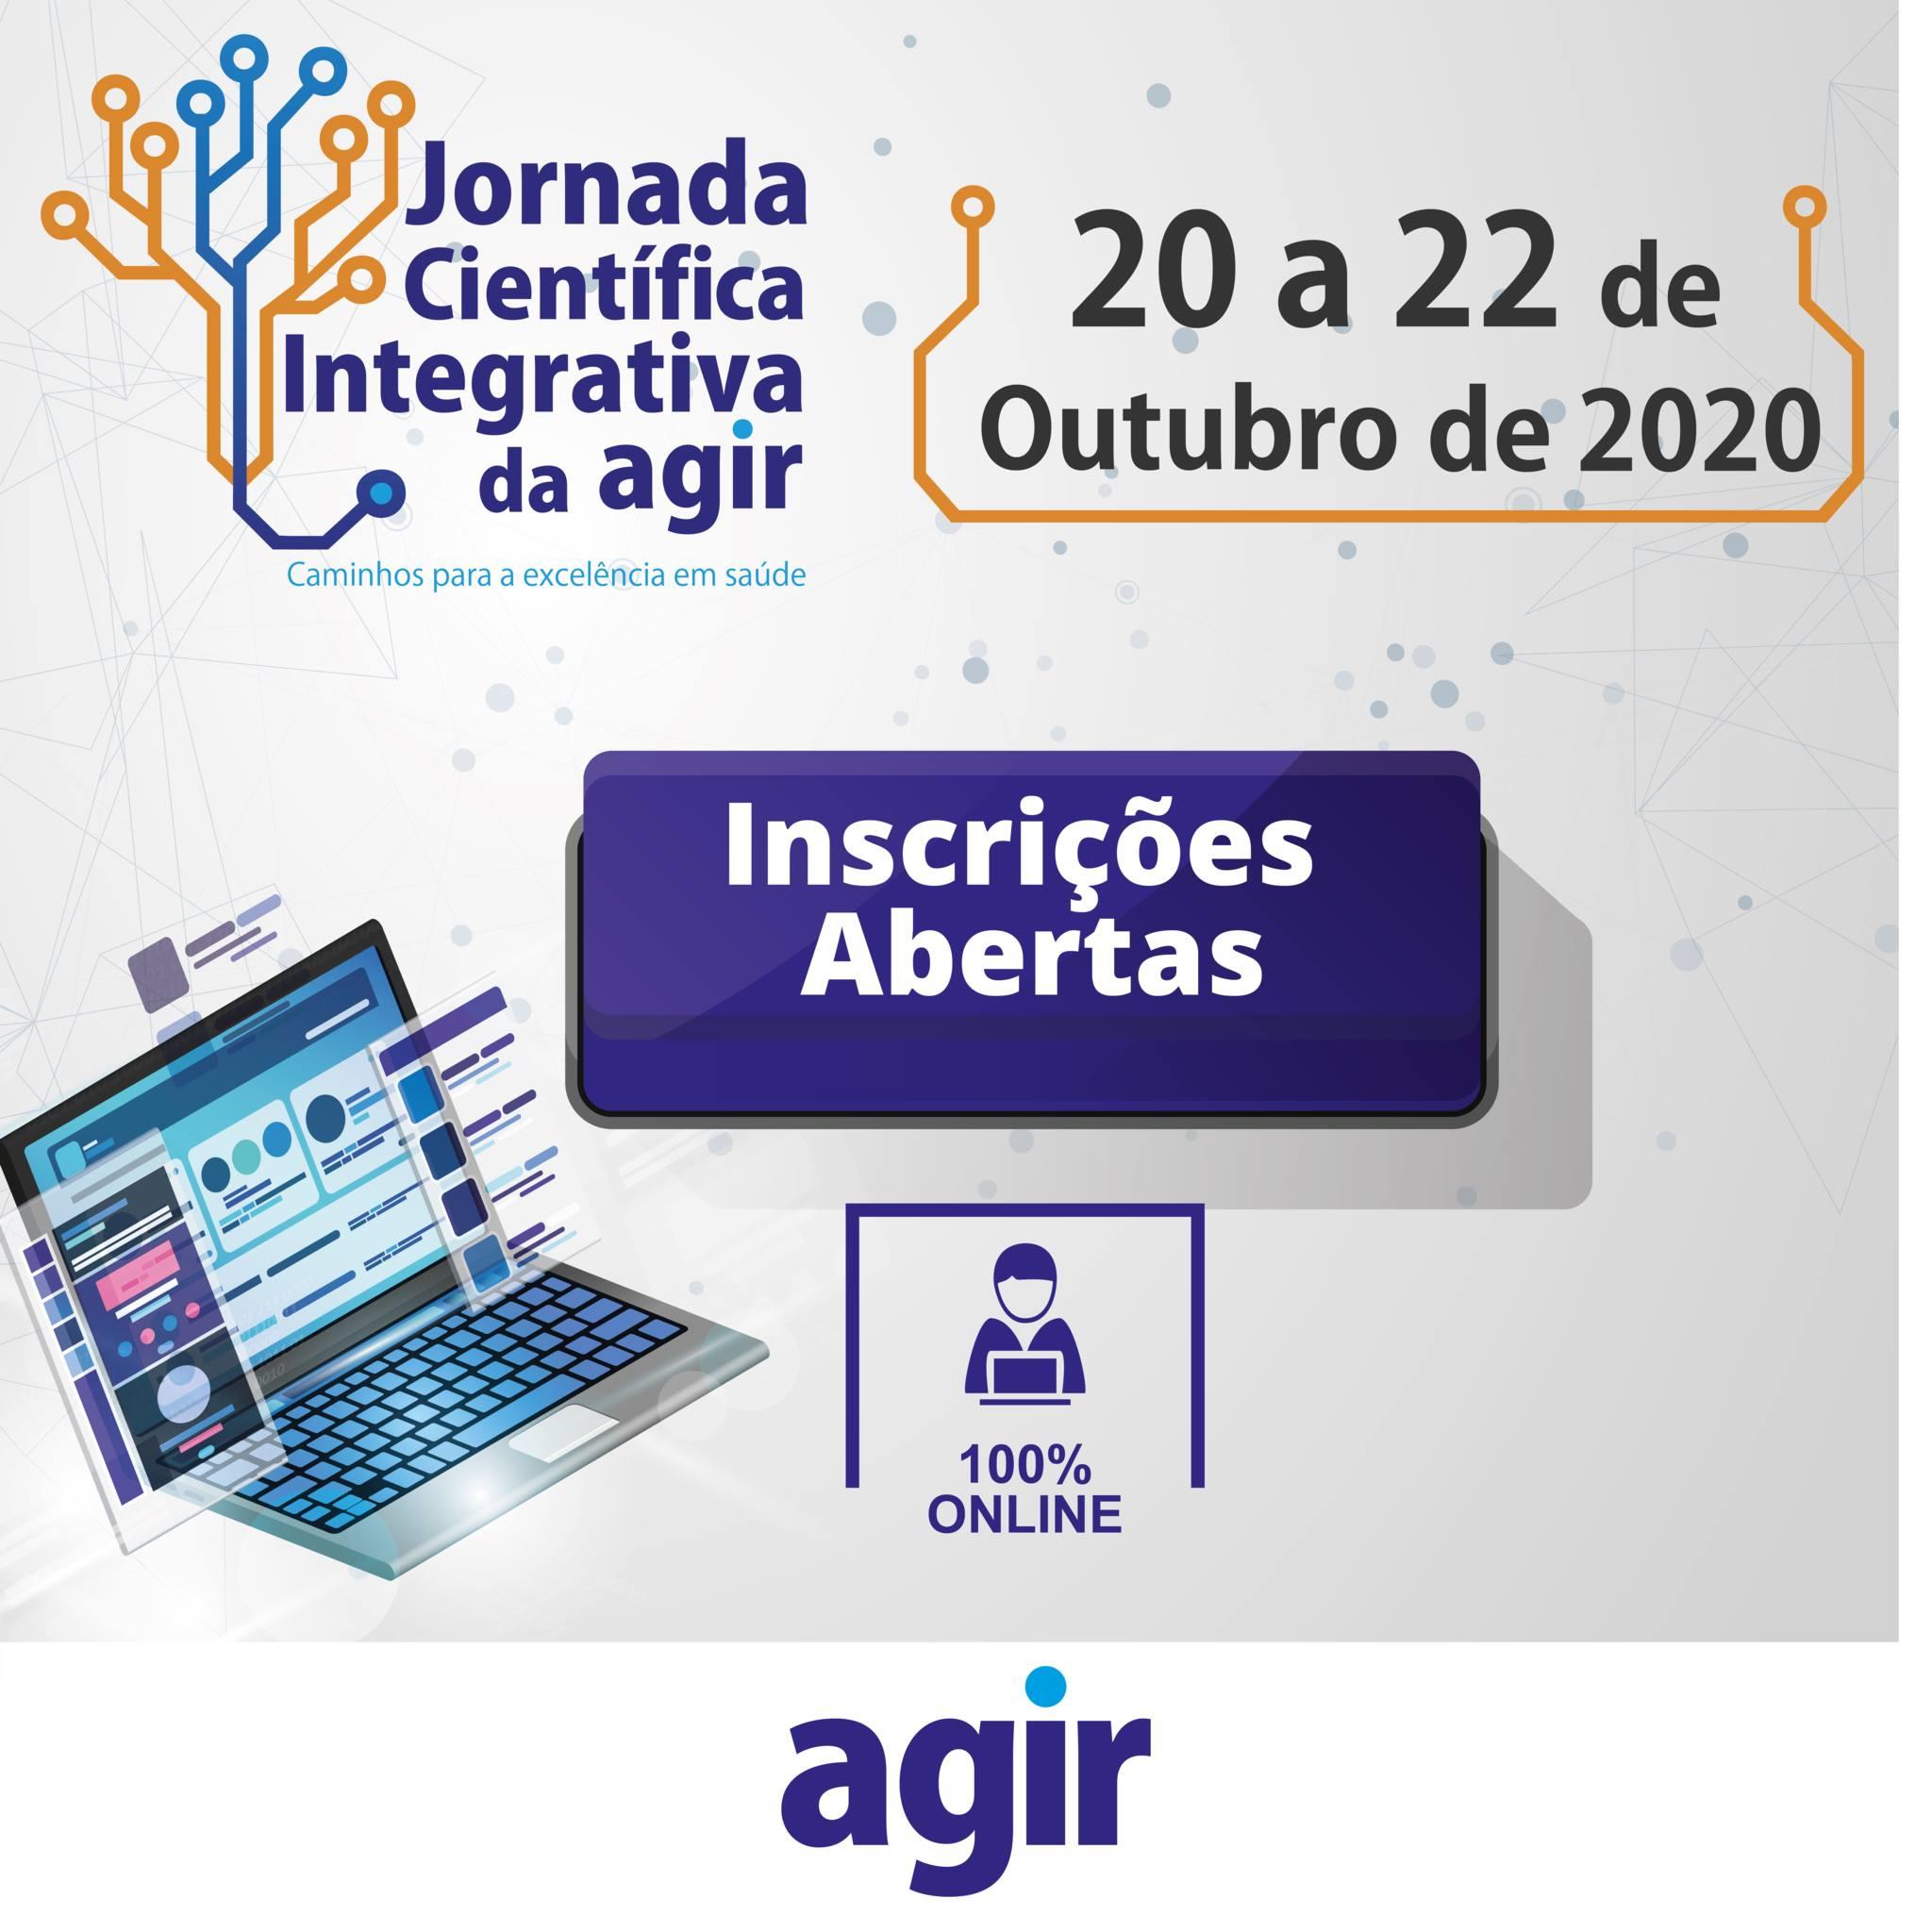 Participe da Jornada Científica Integrativa da Agir